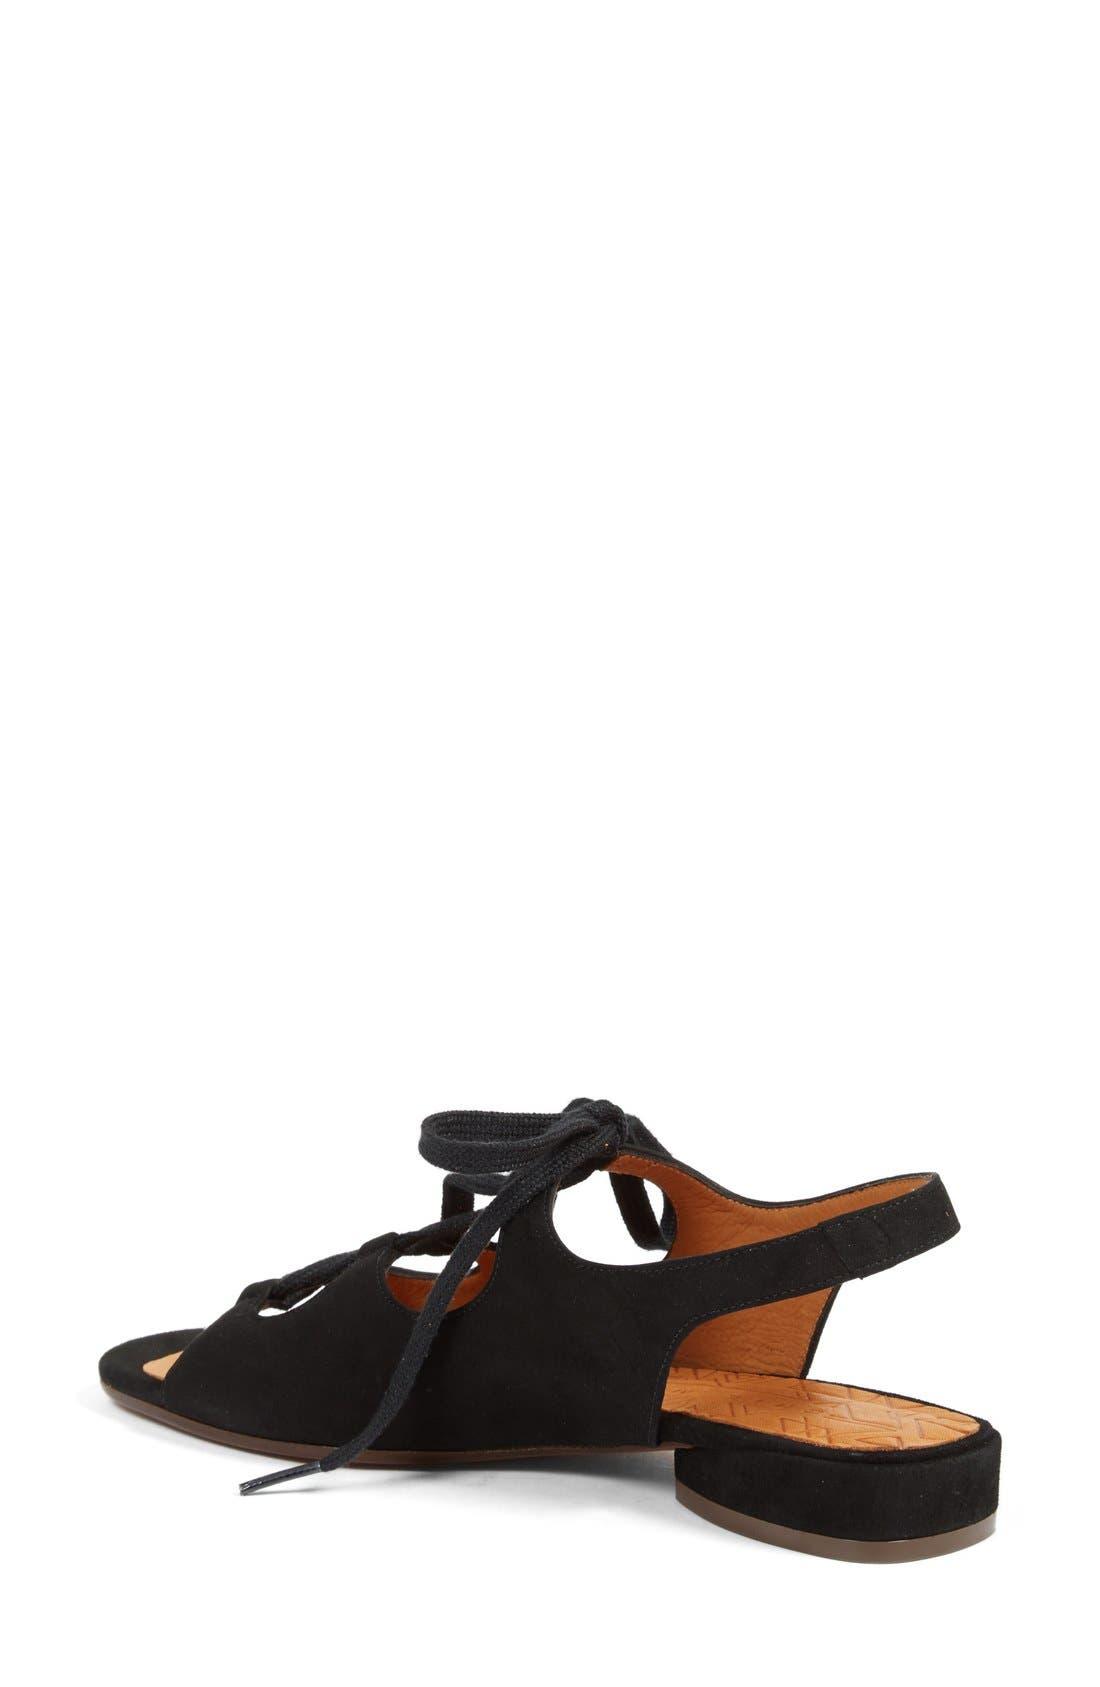 Nalia Lace-Up Sandal,                             Alternate thumbnail 2, color,                             001